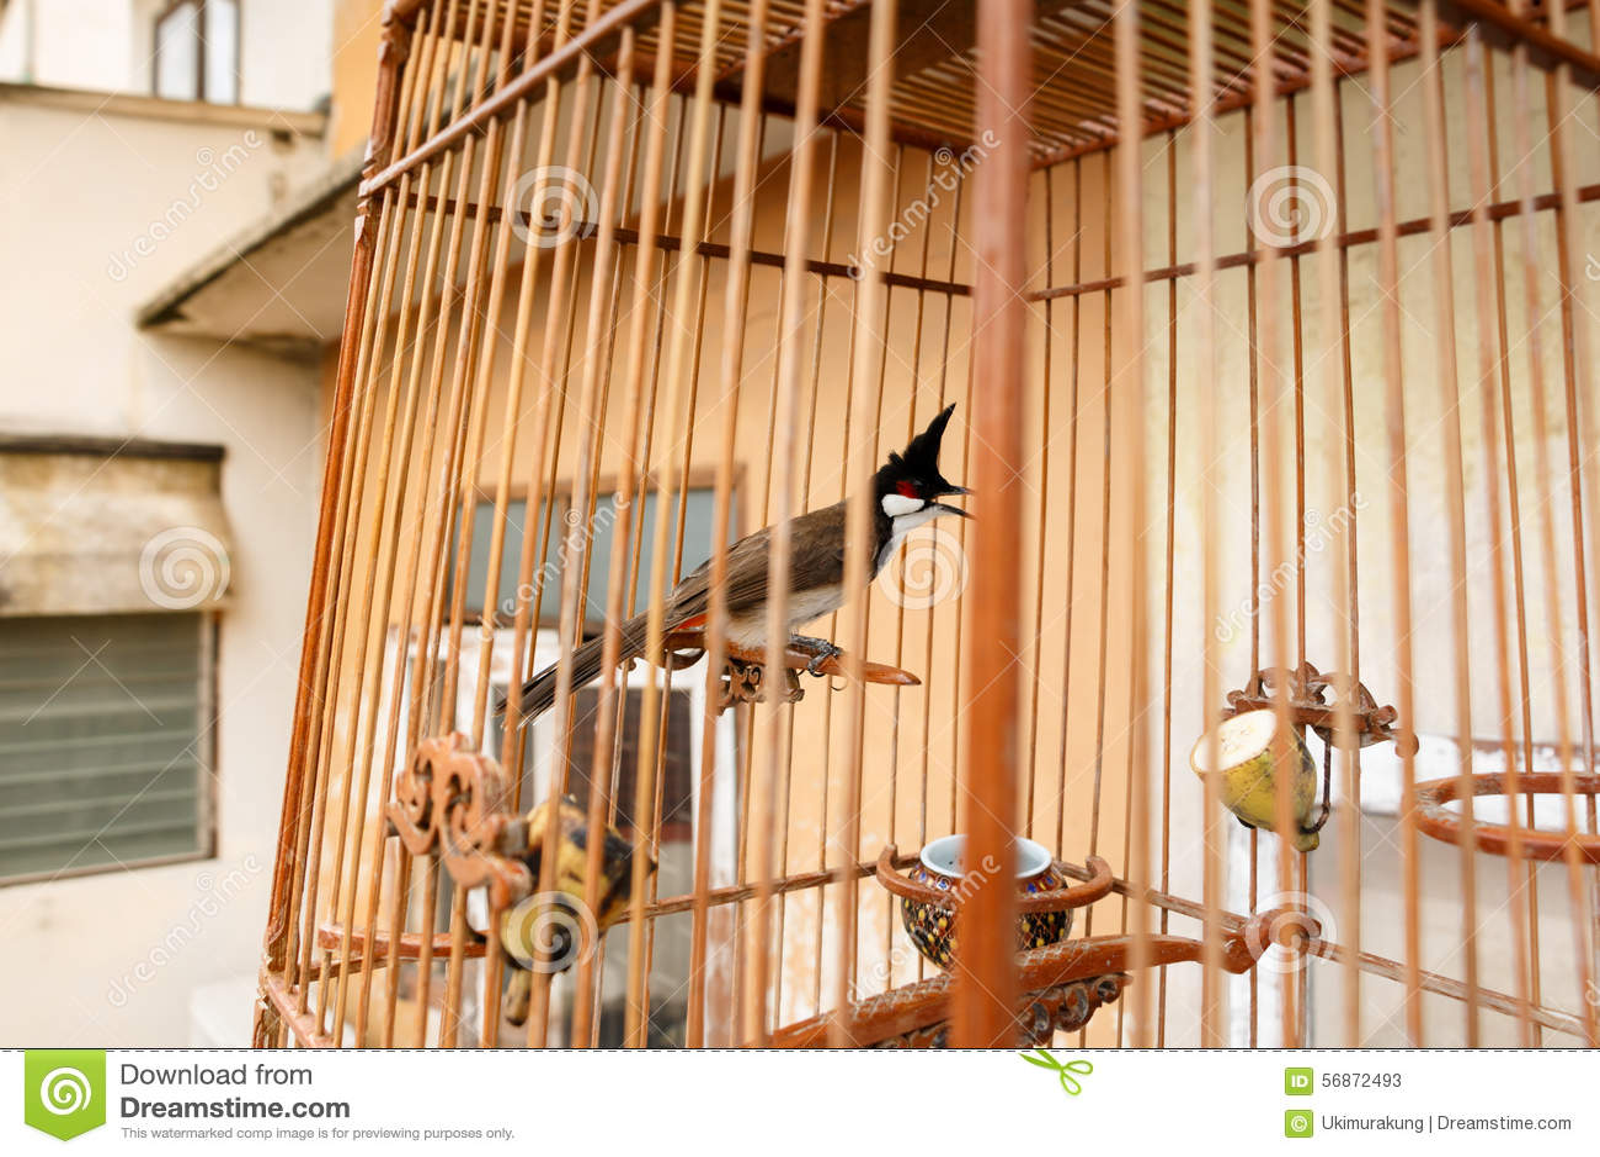 Vogelkooi In Huis : Vogelkooien globosplaza